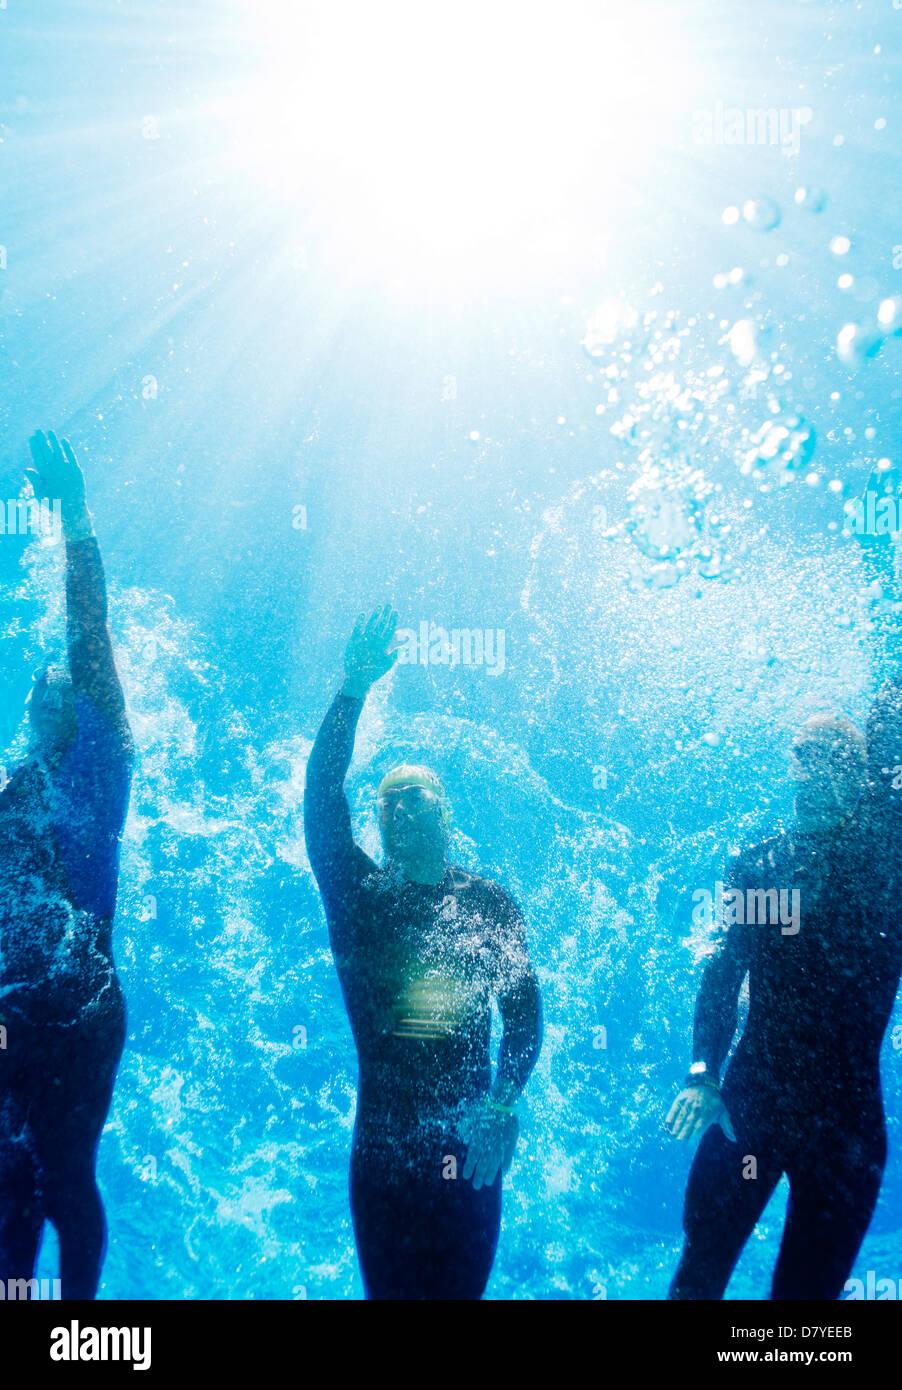 Triatleti nella muta subacquea Immagini Stock